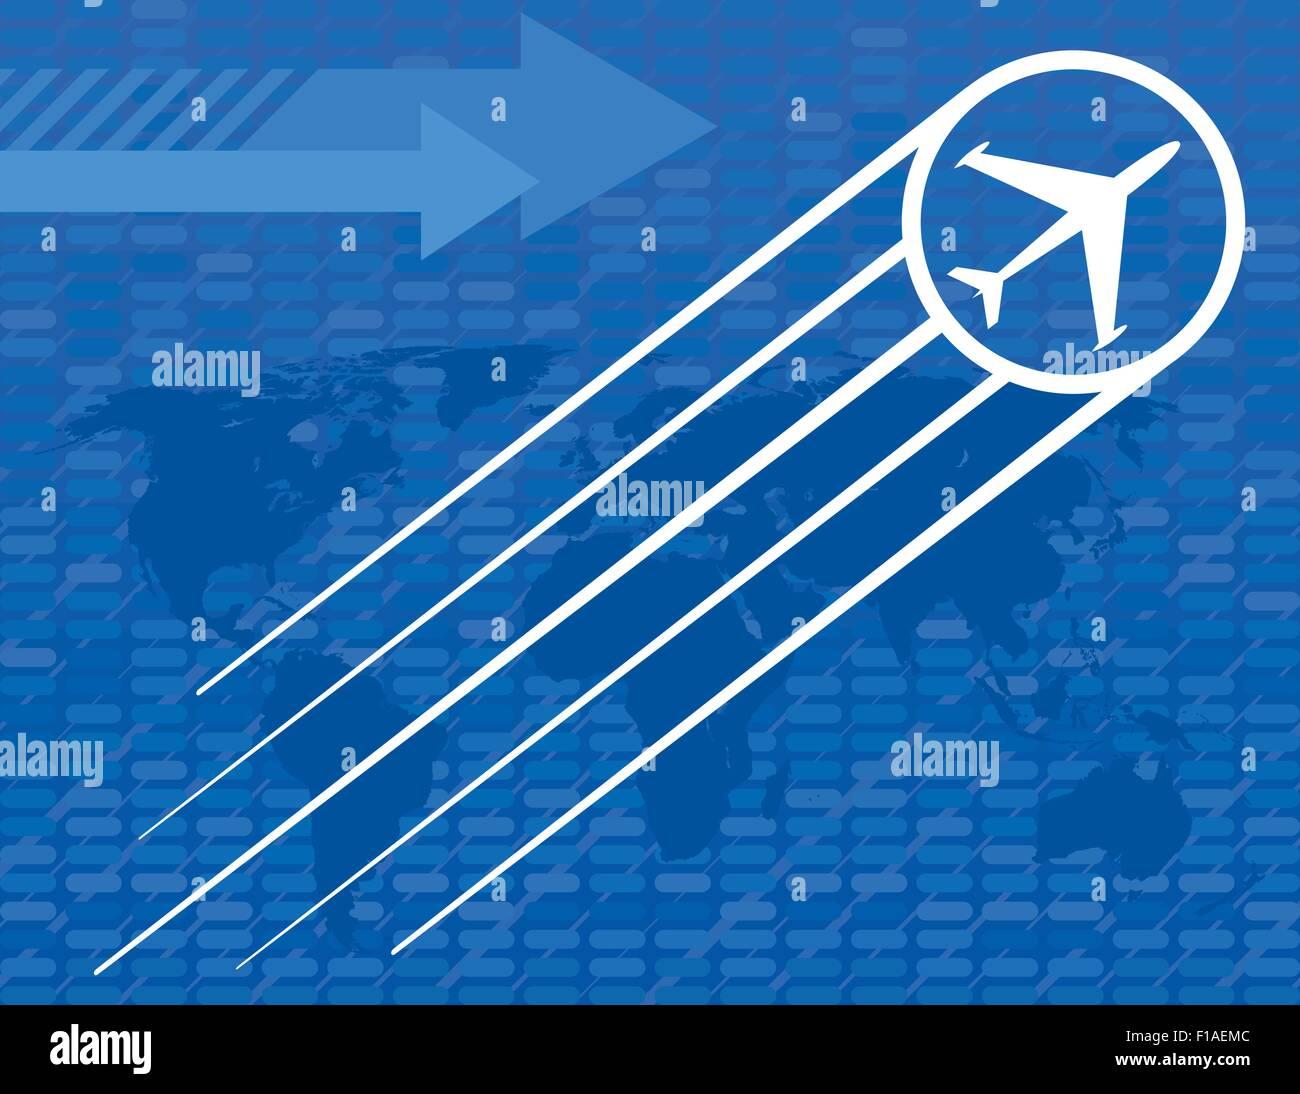 Billet d'Avion Bleu historique avec des flèches et une carte du monde Photo Stock